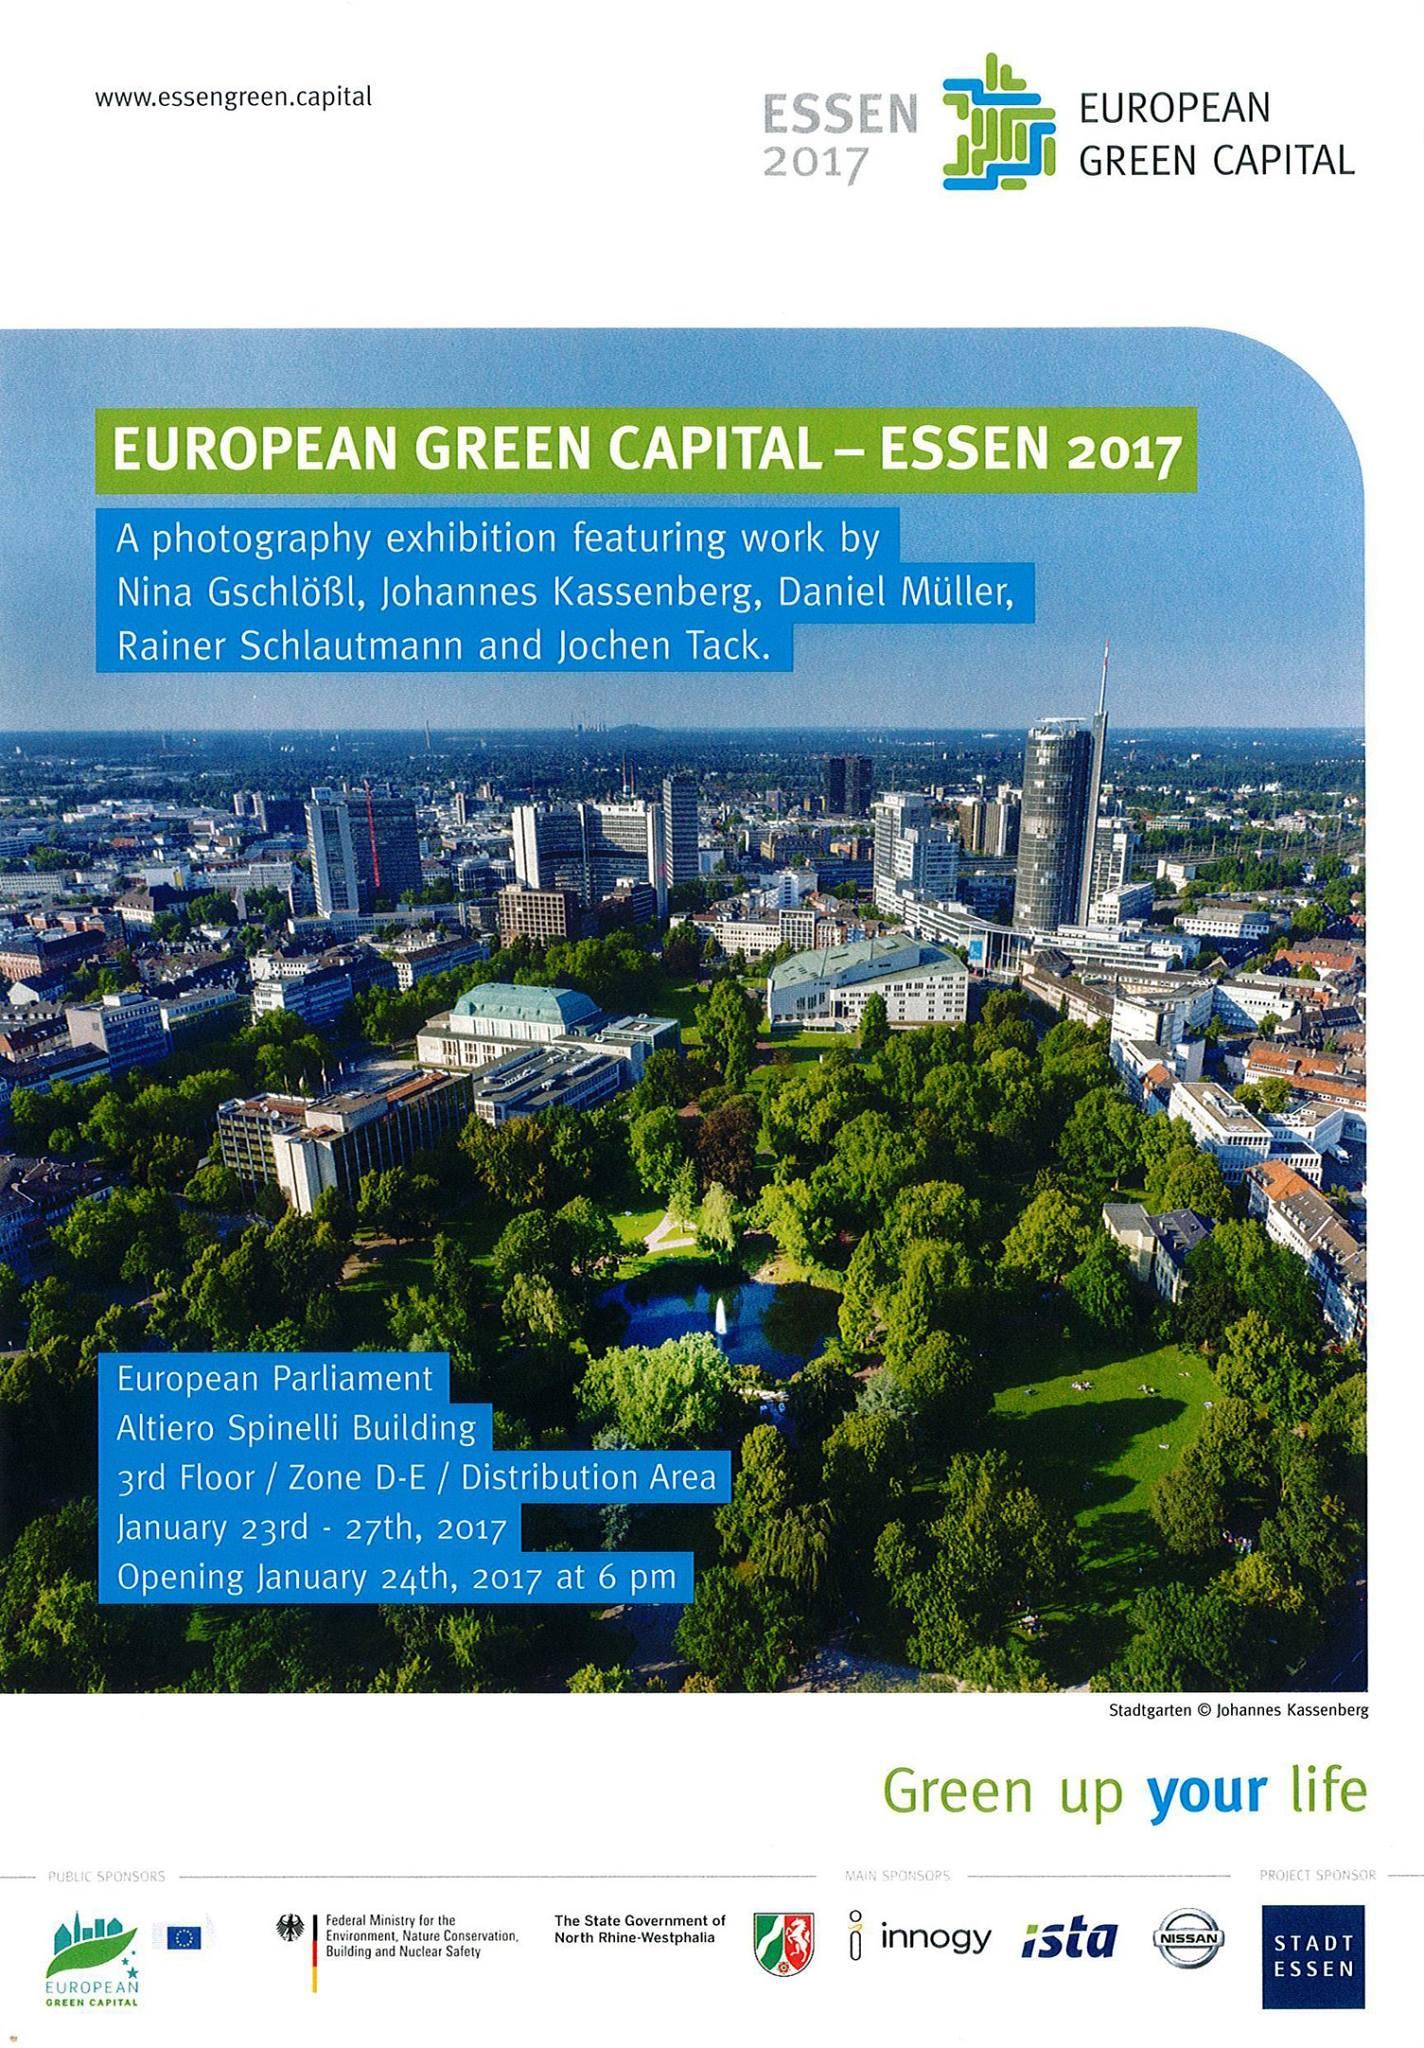 Essen European Green Capital